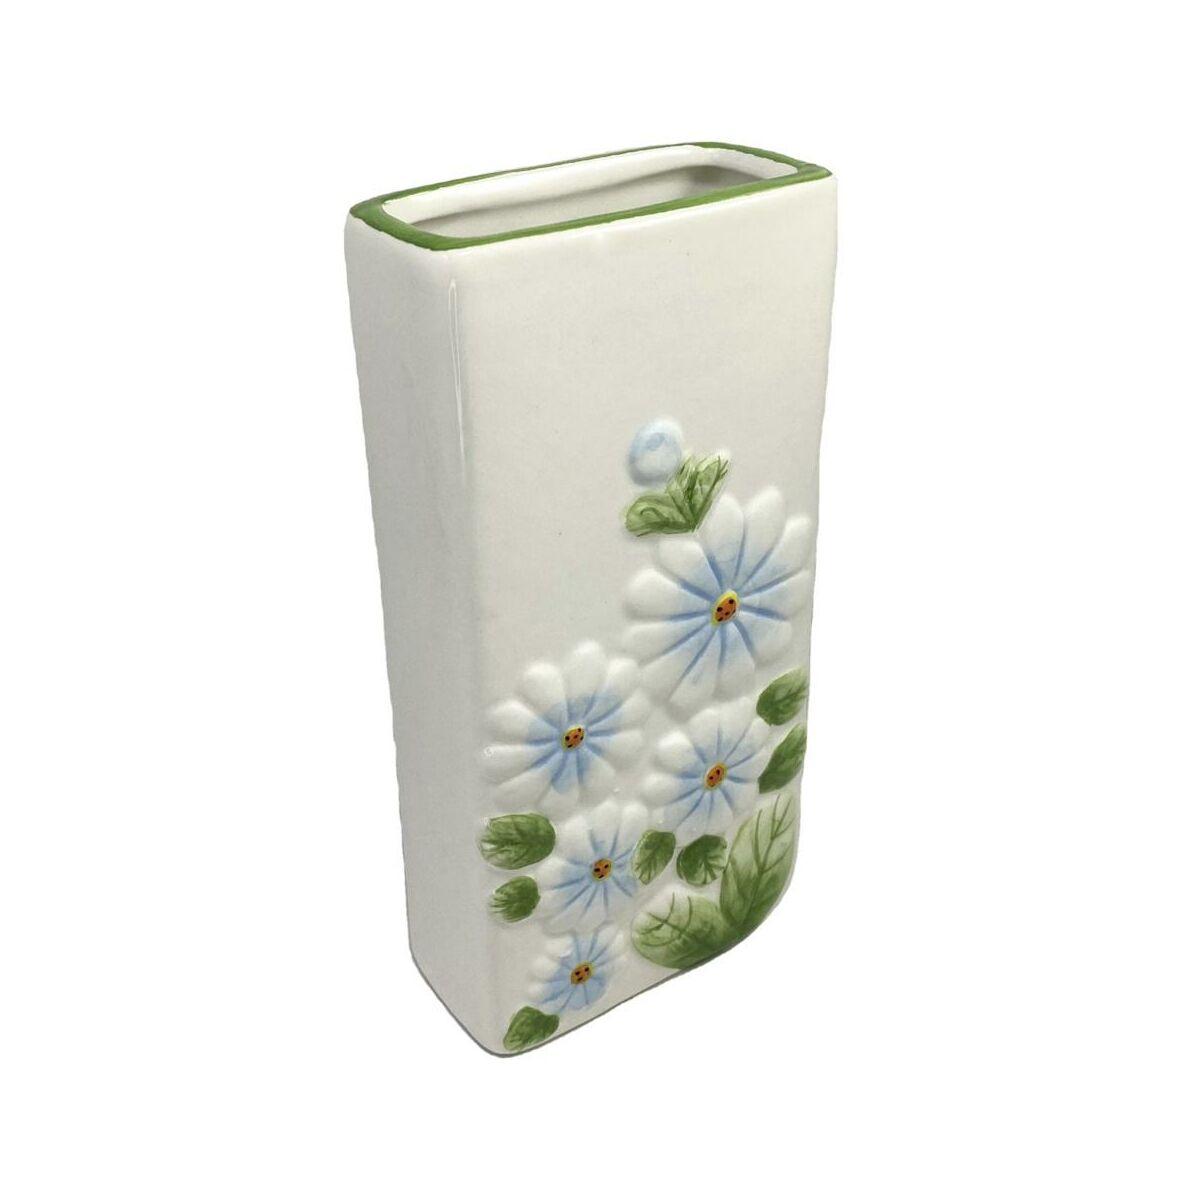 Nawilzacz Ceramiczny W Kwiaty Nawilzacze Grzejnikowe W Atrakcyjnej Cenie W Sklepach Leroy Merlin